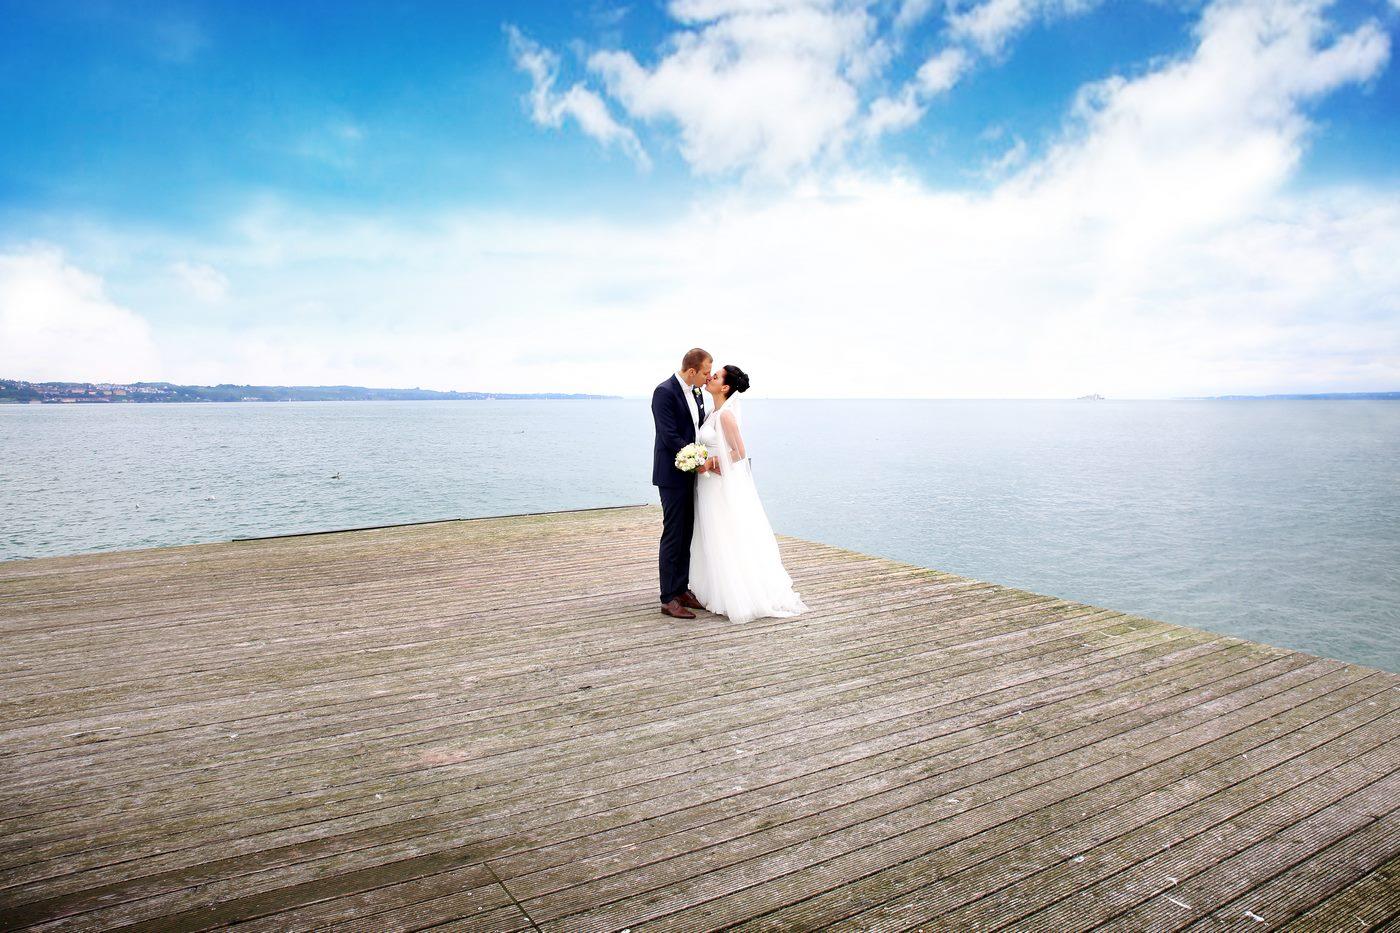 Brautpaar steht auf Floss inmitten des Bodensees